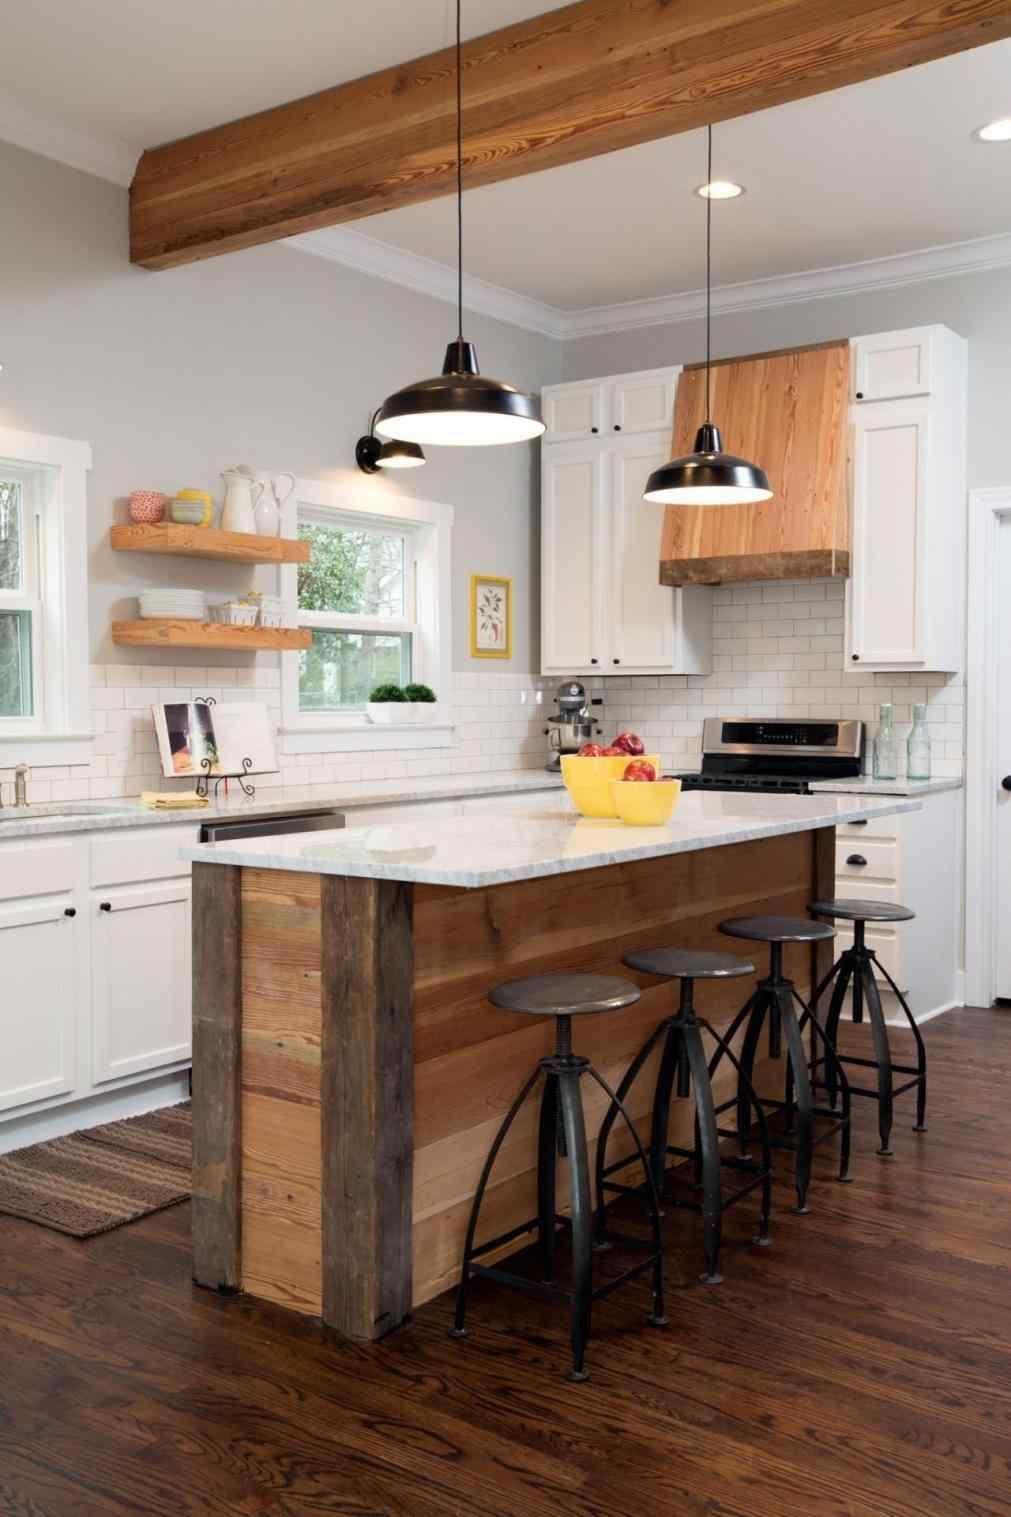 Best and wonderful joanna gaines kitchen designs ideas kitchen